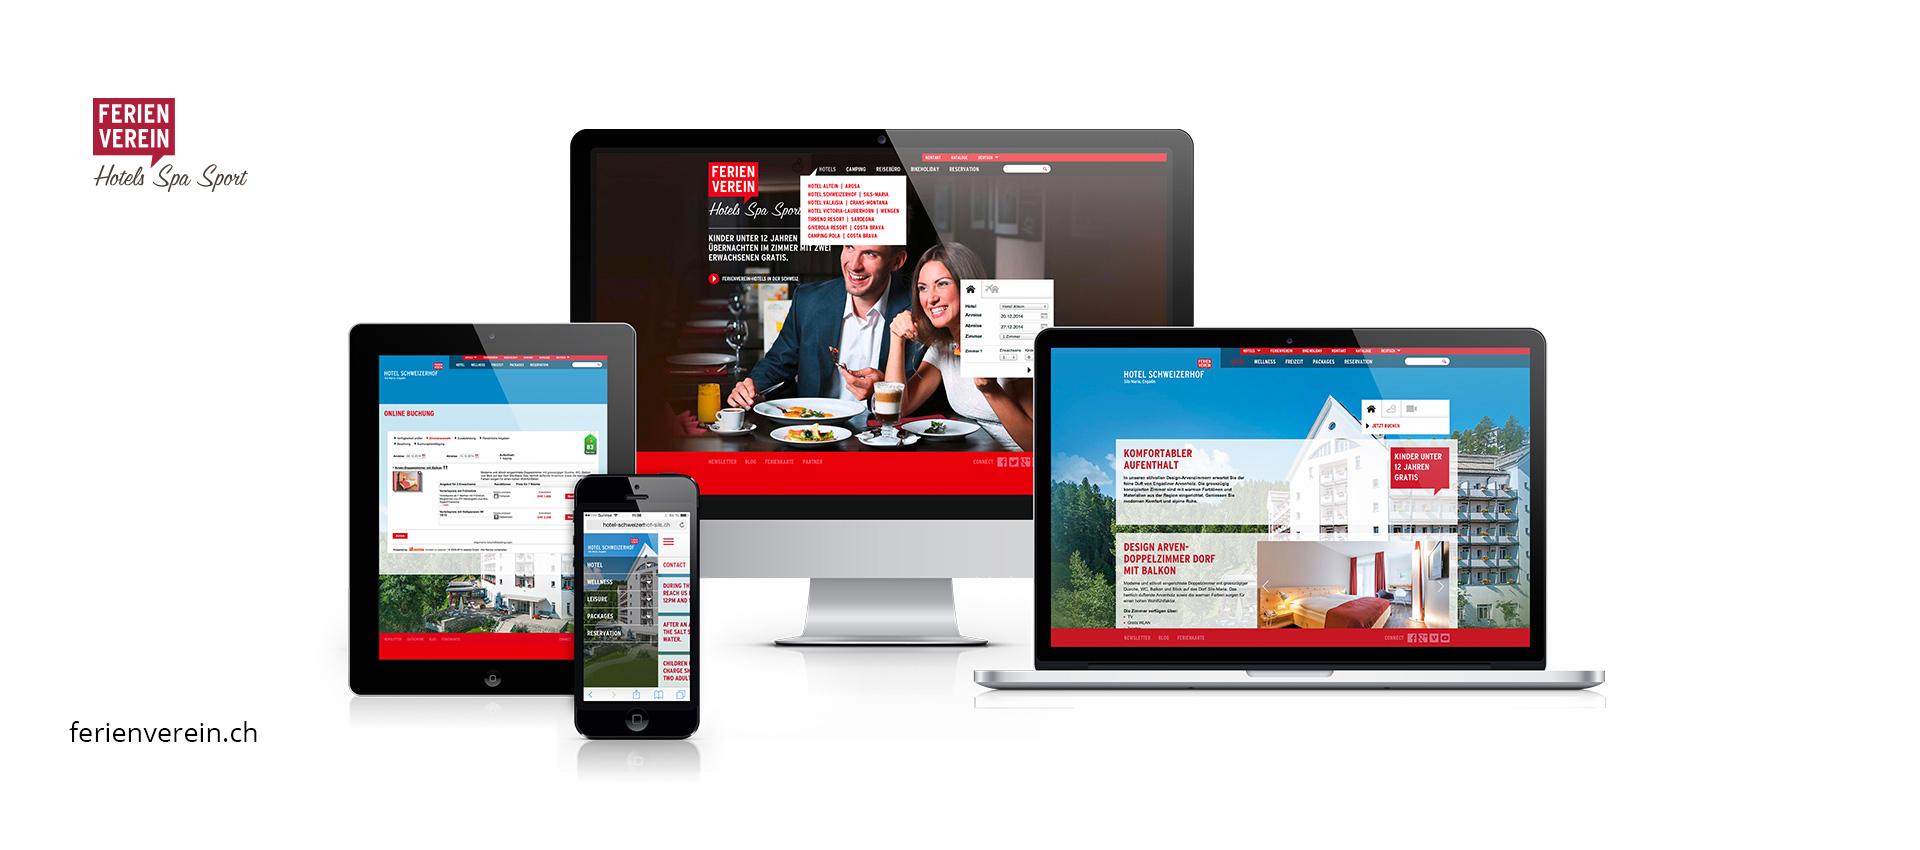 ferienverein_responsive_website